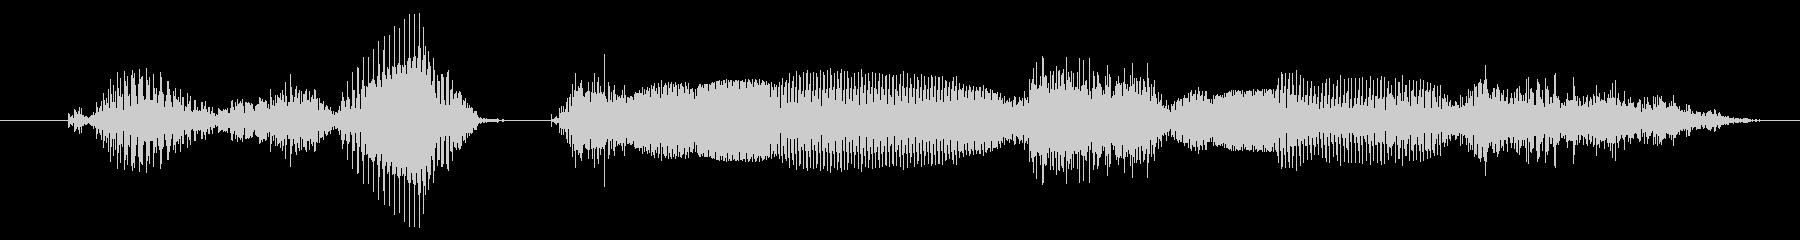 ご説明しますの未再生の波形